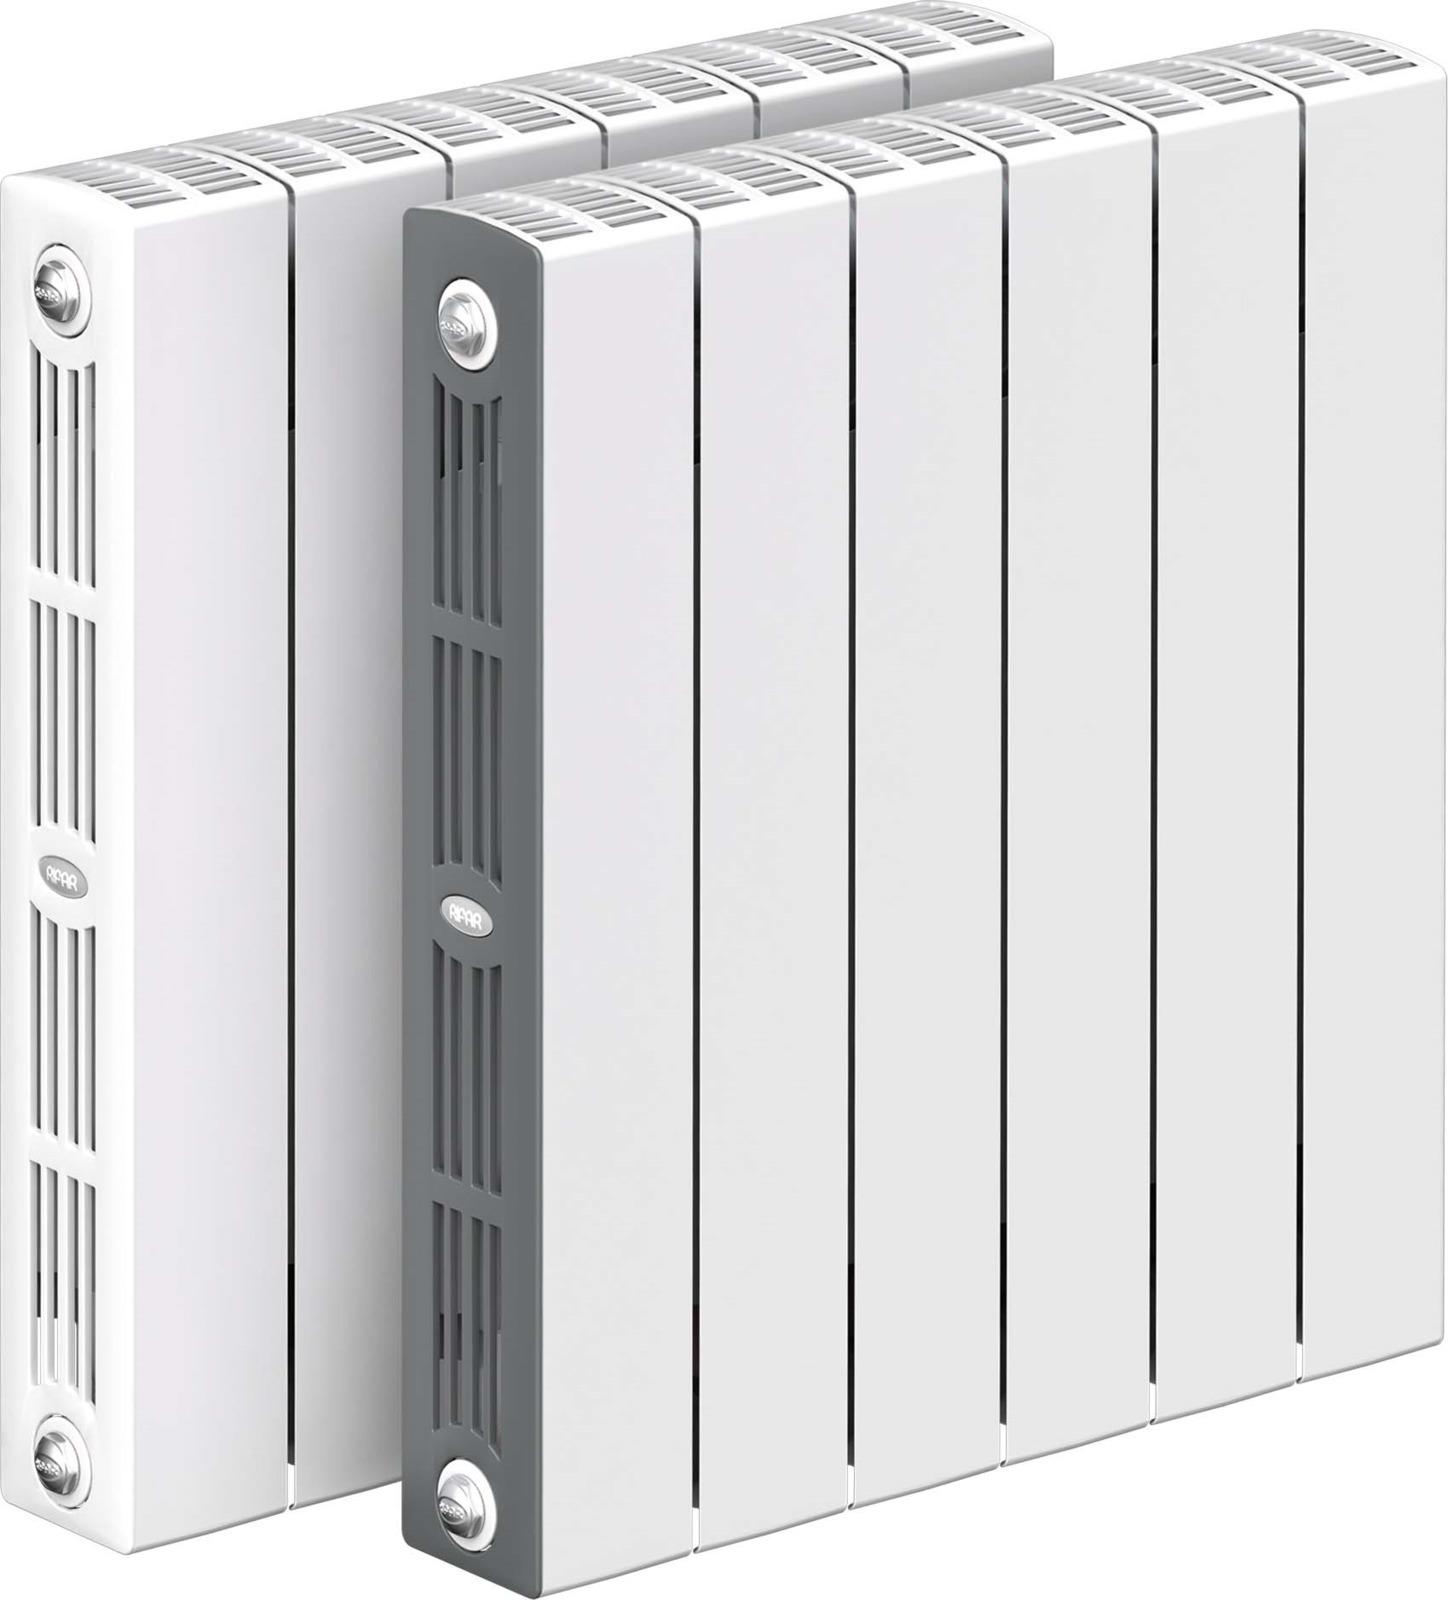 Секционный радиатор Rifar Supremo 350, биметаллический, RIFAR S 350-4, белый, 4 секции kermi profil k profil k fk o 12 400 400 радиатор стальной панельный боковое подключение белый ral 9016